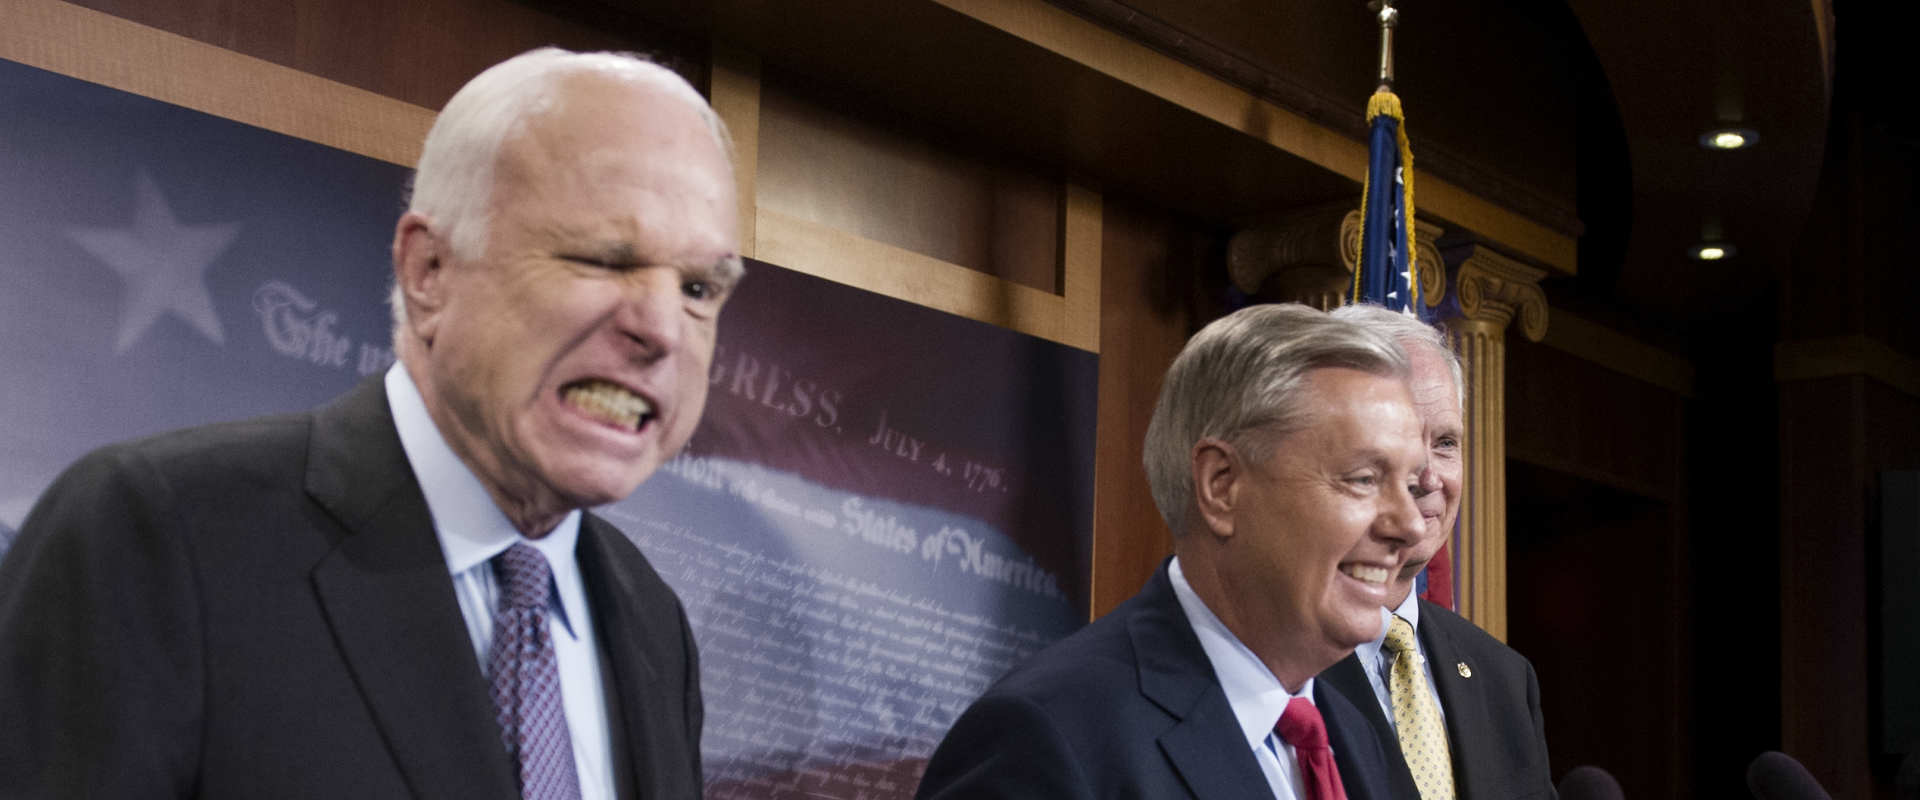 הסנאטור ג'ון מק'קיין הכשיל את הרפובליקנים